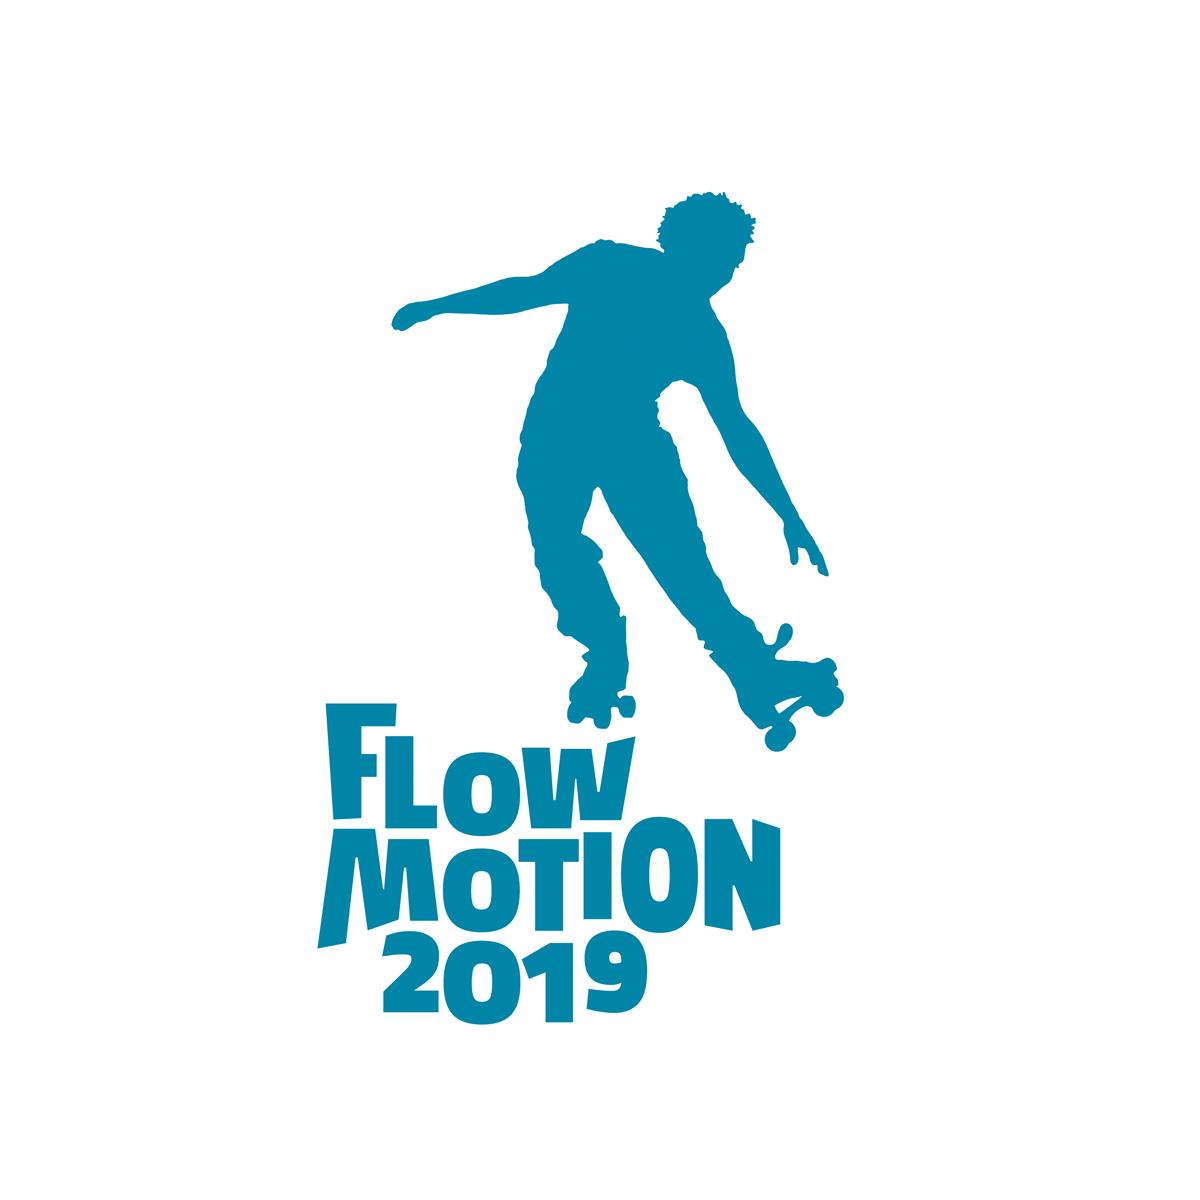 Es Quint - Logo - Flow Motion 2019